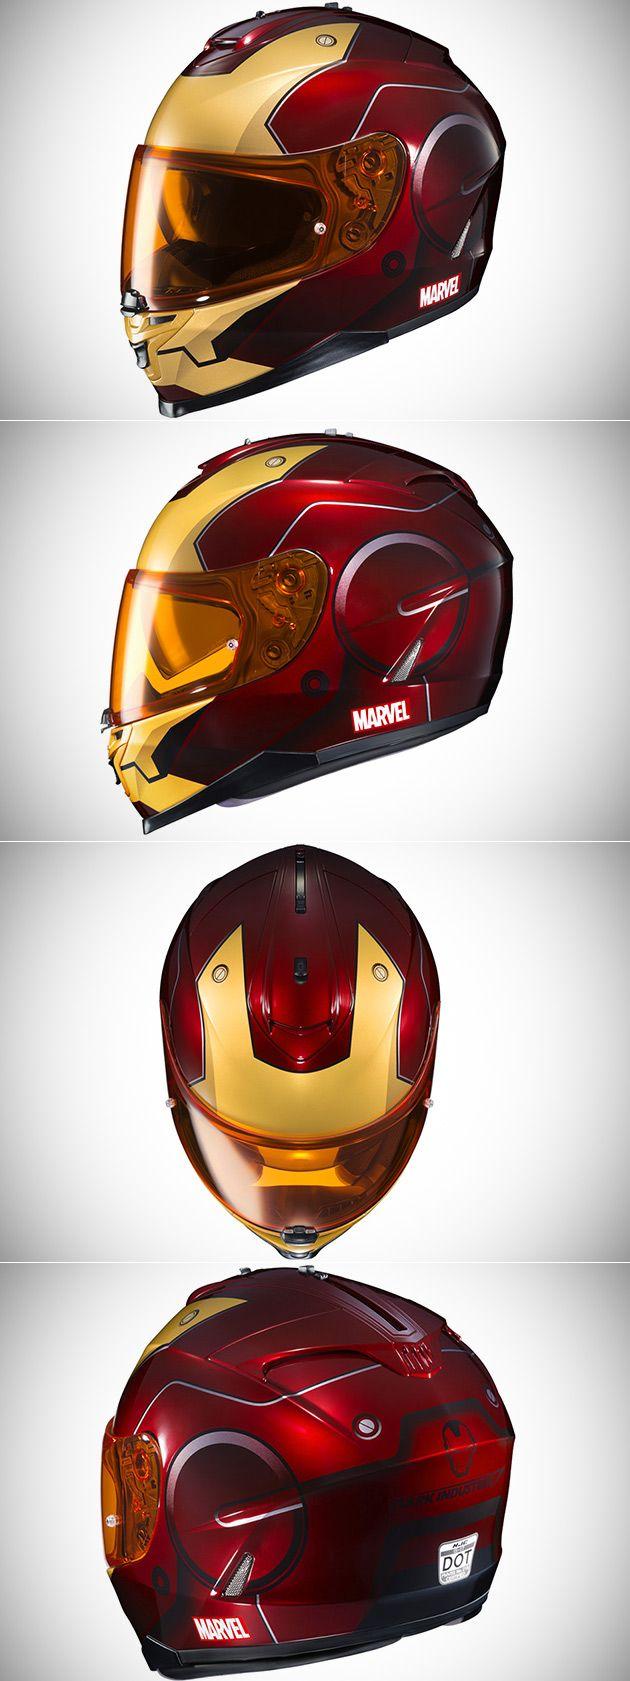 HJC IS 17 Marvel Series Iron Man Helmets